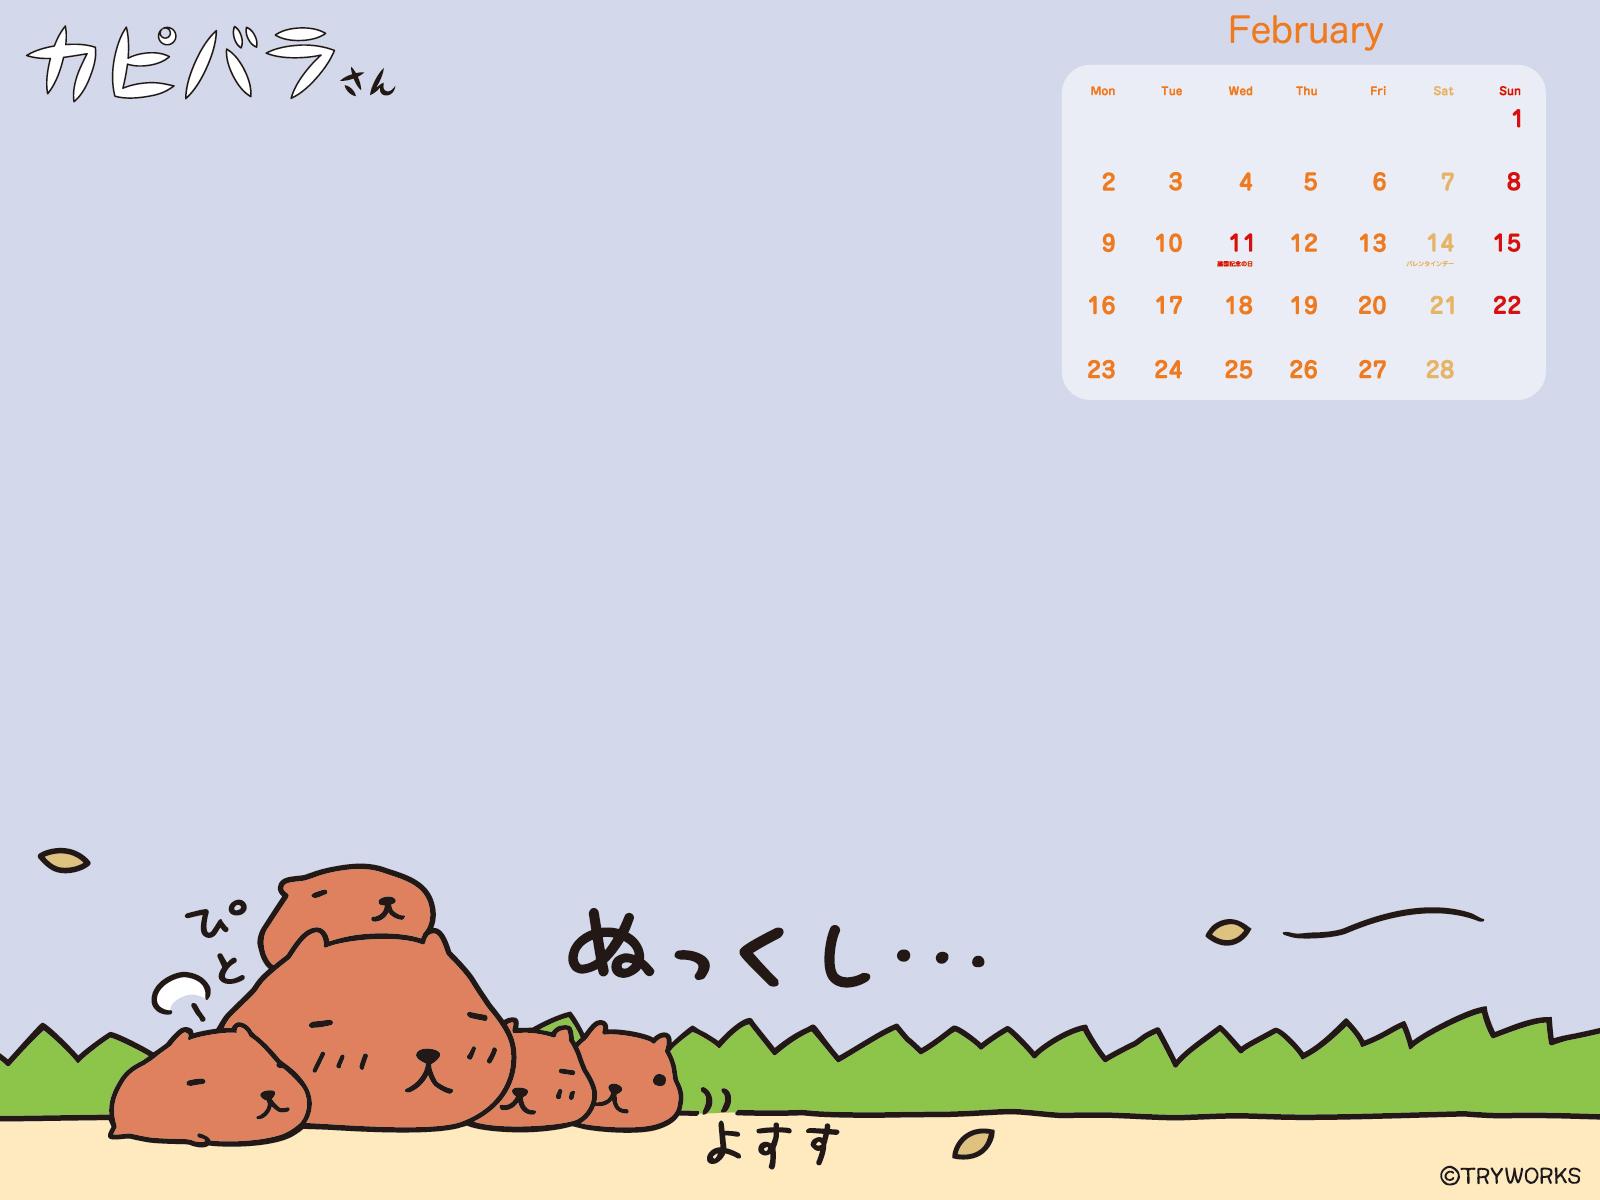 カレンダー カレンダー マンスリー : ... さんカレンダー付き壁紙